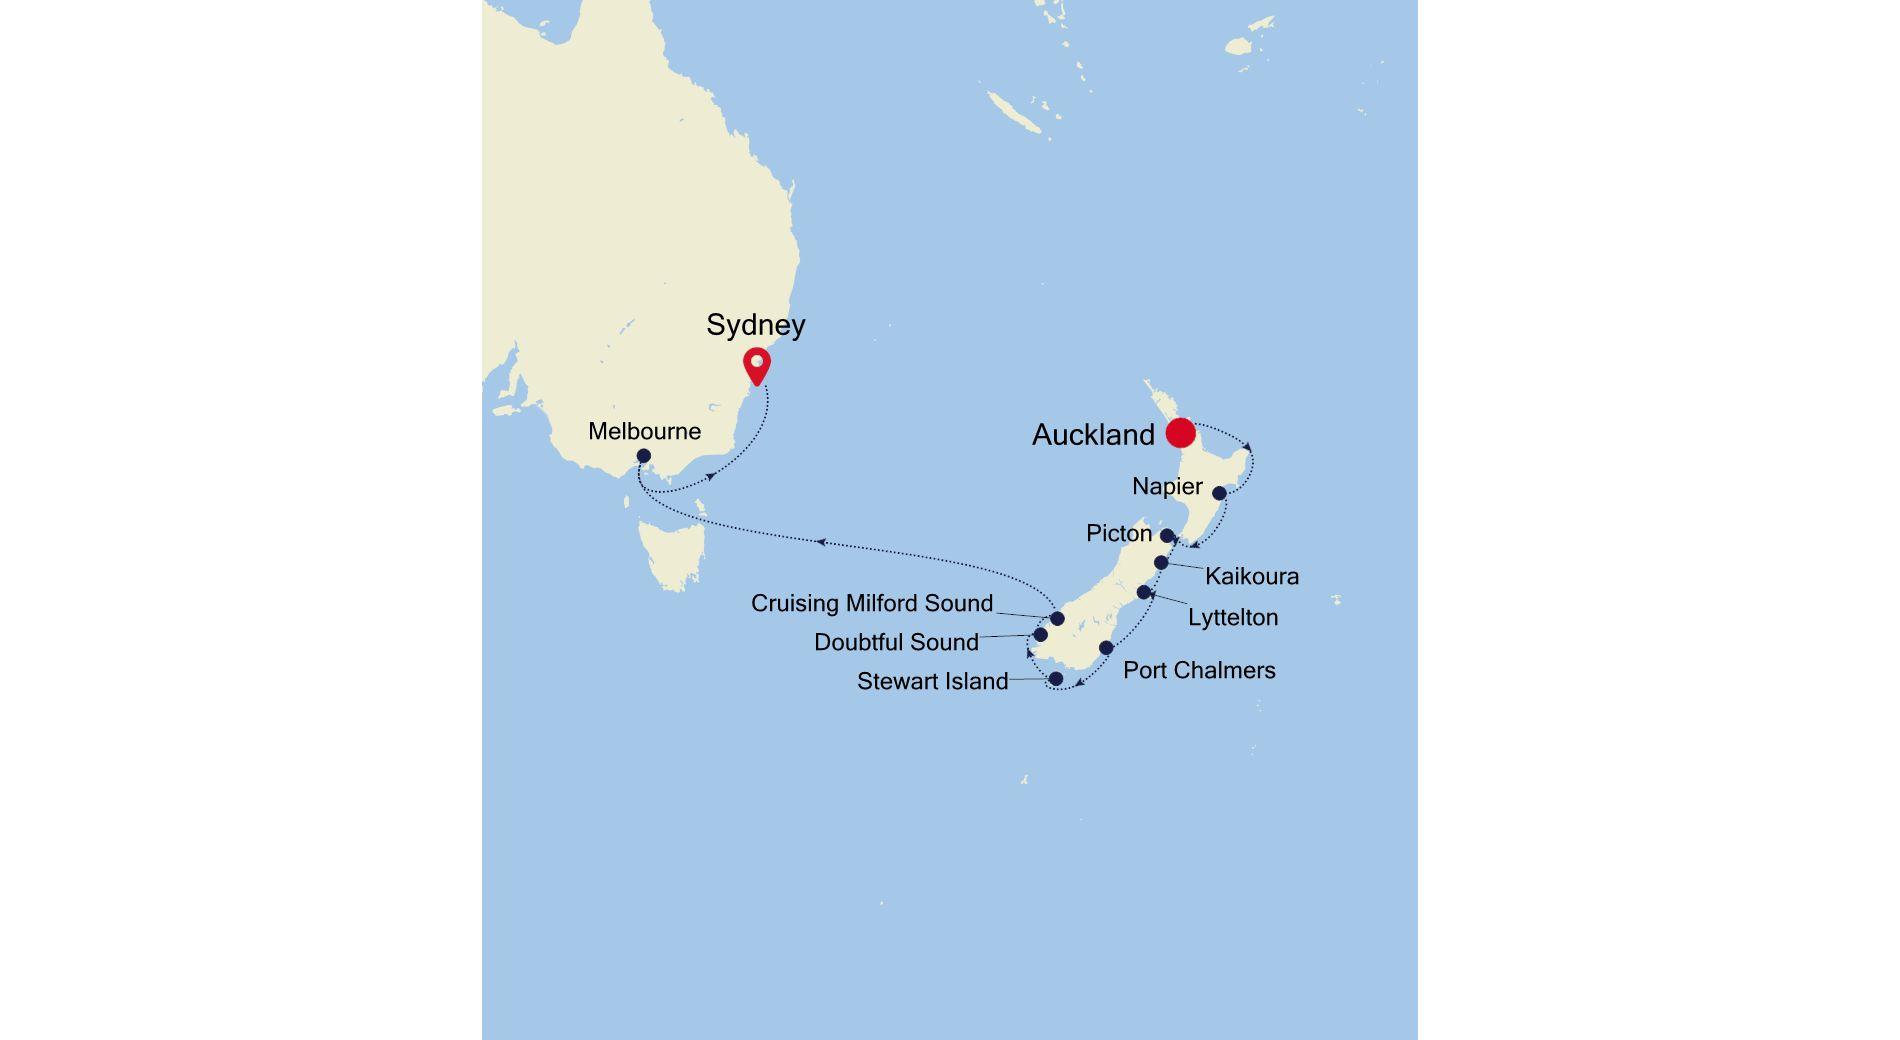 SM210105014 - Auckland à Sydney